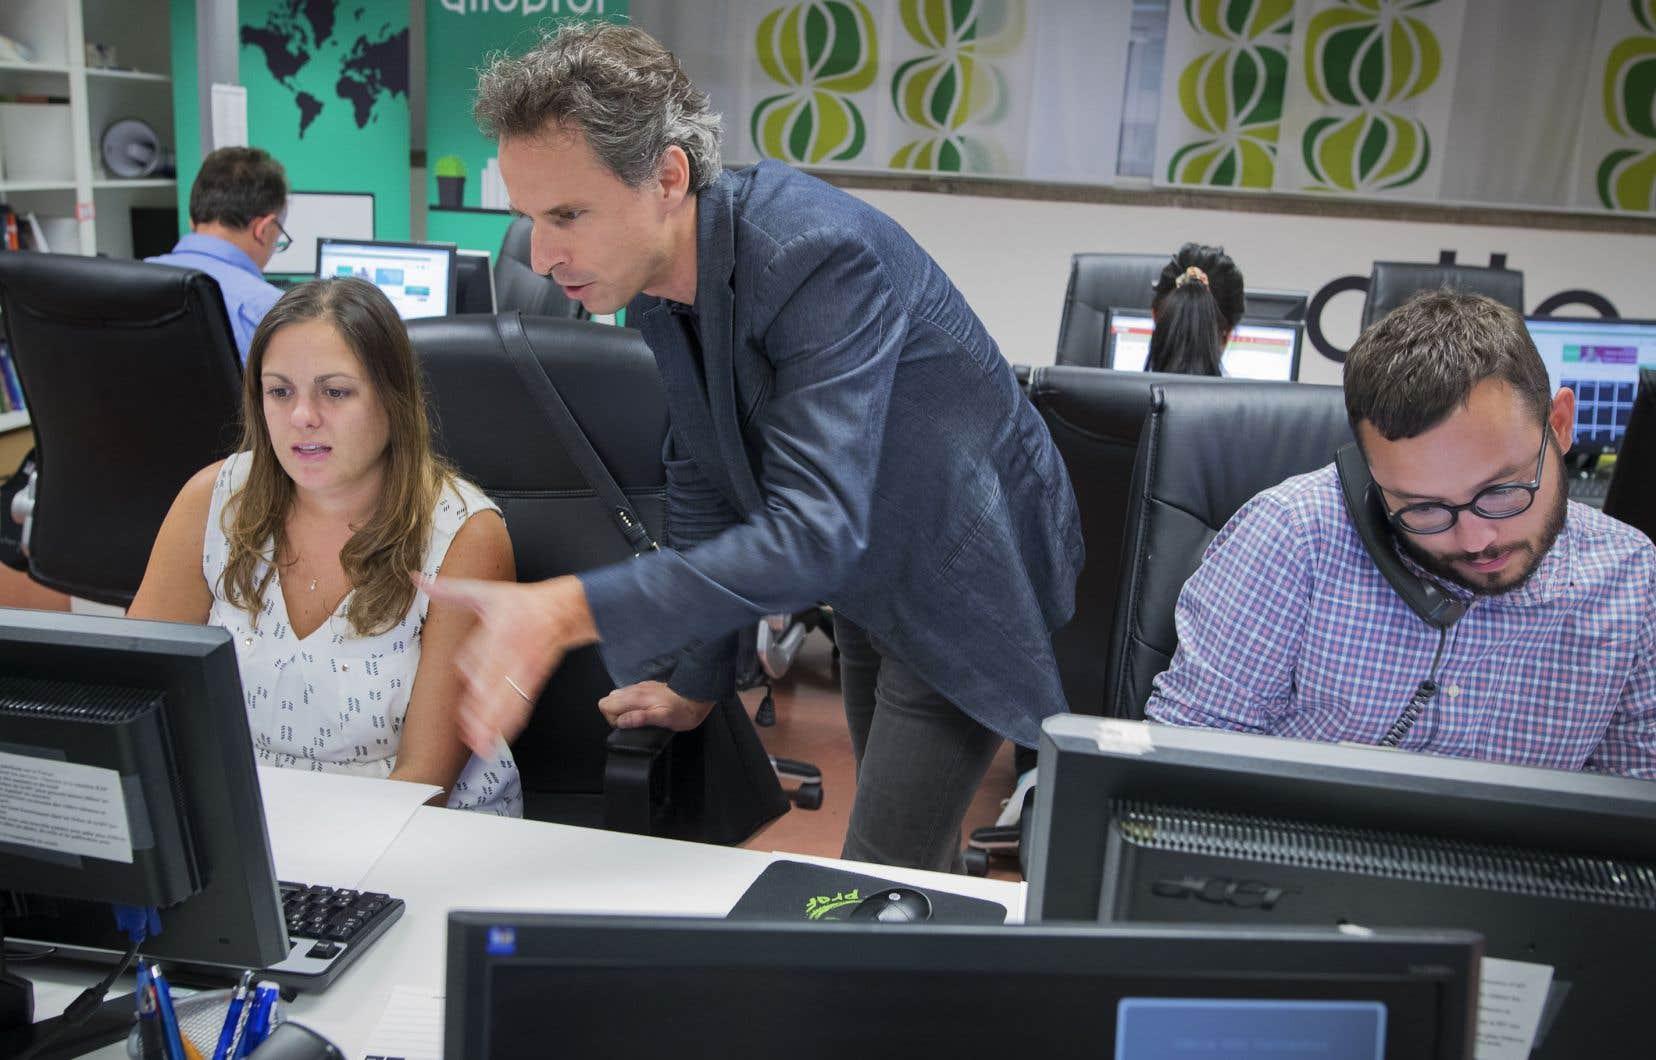 Le directeur, Marc-Antoine Tanguay, entouré des professeurs Anne-Marie Héon et Simon Laurent. Plusieurs professeurs ont un emploi à temps plein, mais continuent de venir répondre aux questions des jeunes le soir, après leur journée à l'école.